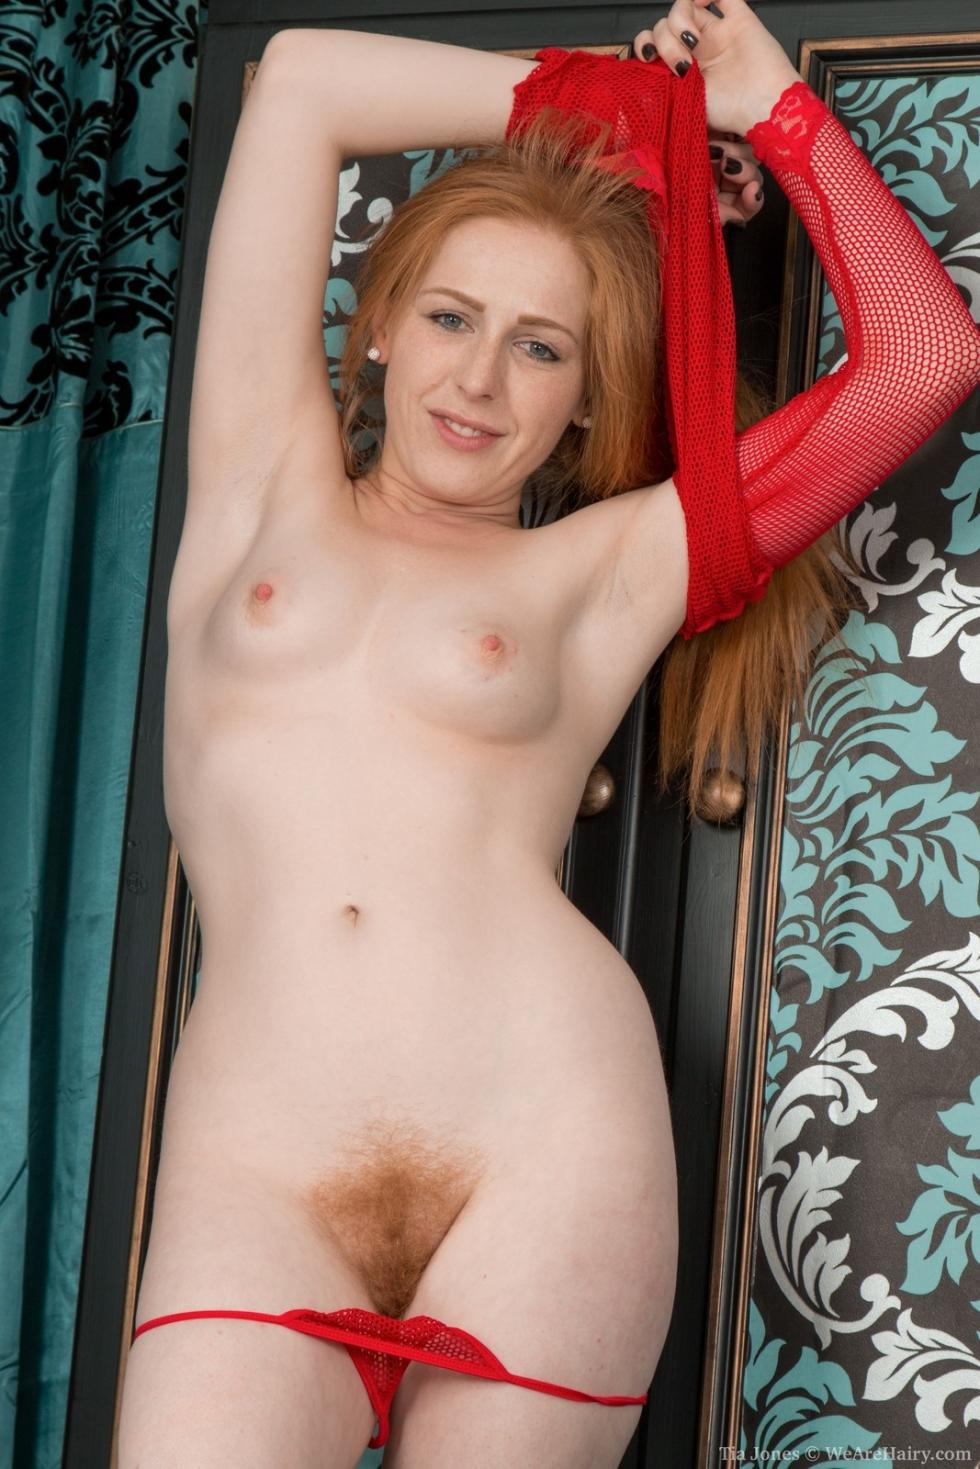 Hot redhead hair